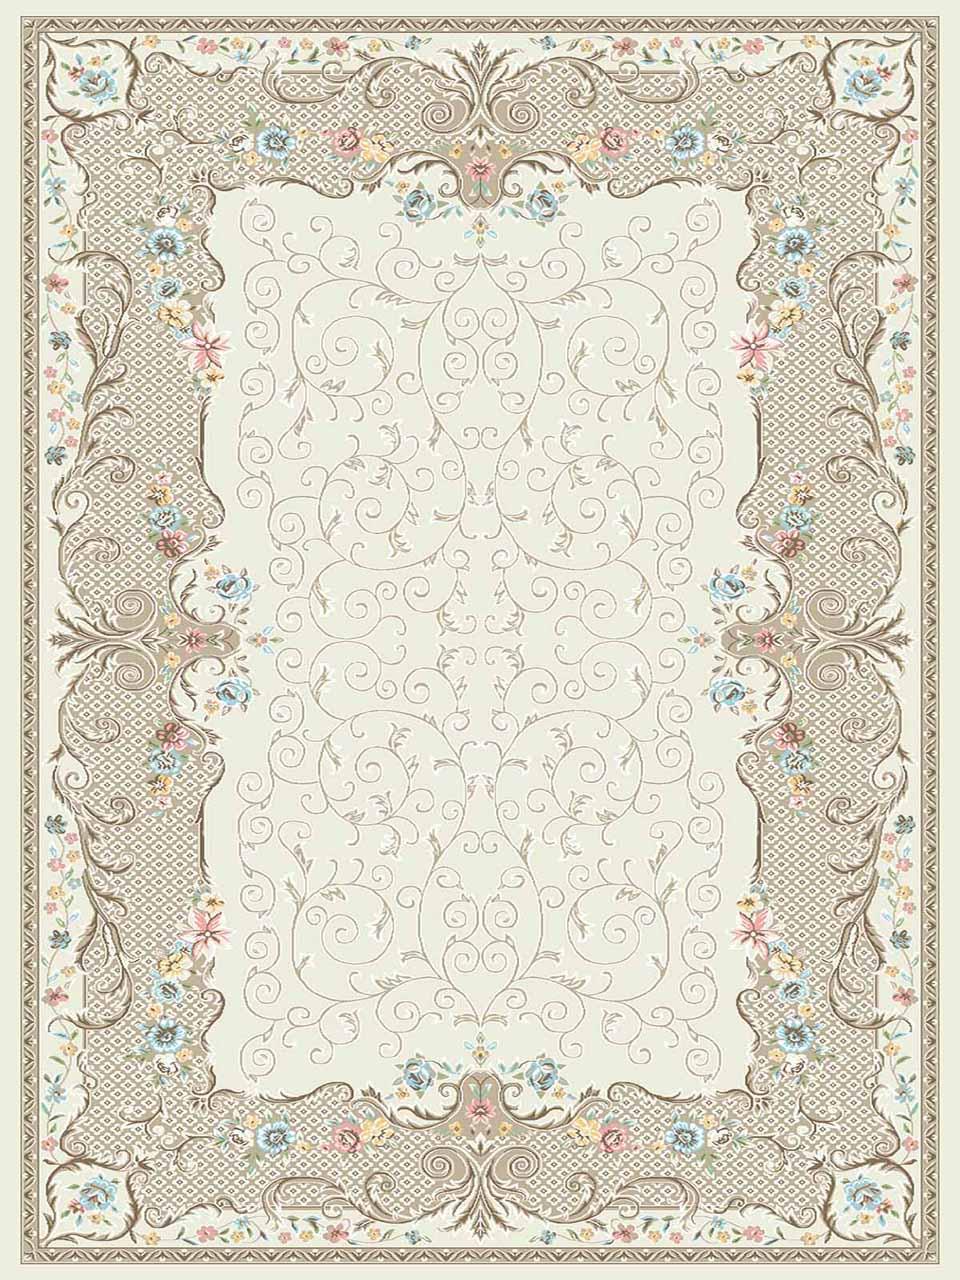 فرش (3103) اکریلیک - 8 رنگ - 410 شانه - کرم - تراکم 1700